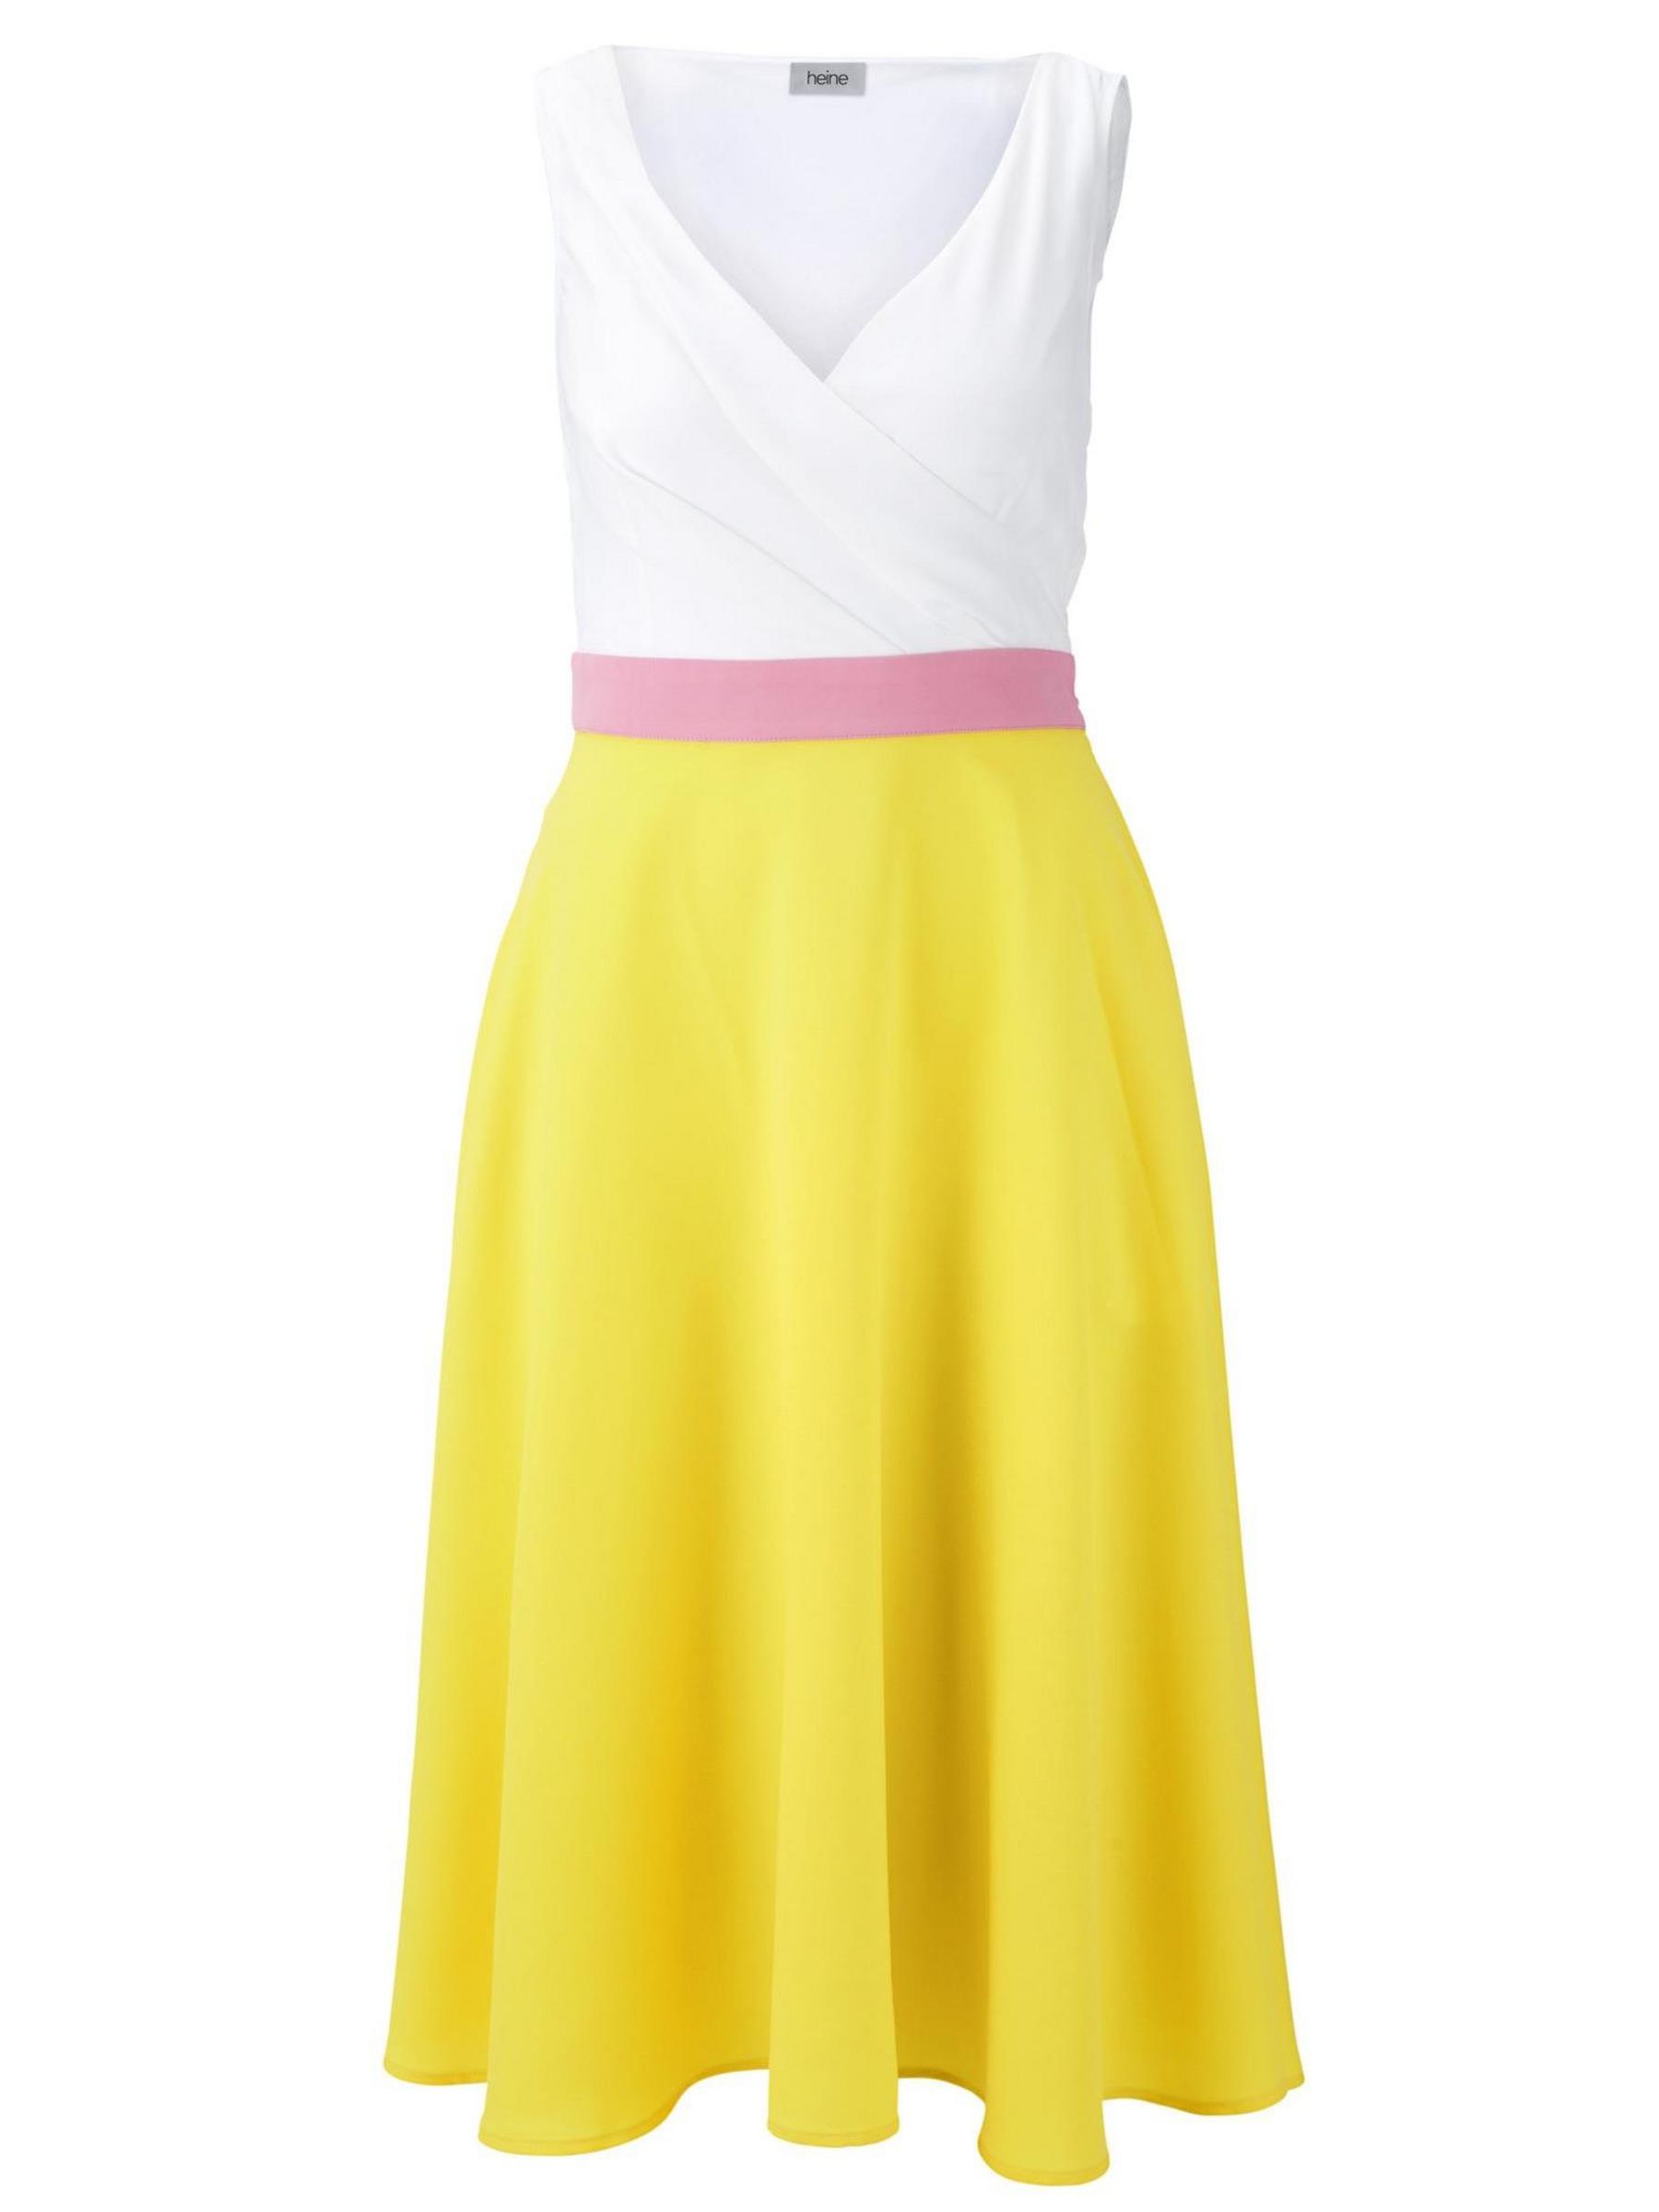 Kleid mit Wickeleffekt Gr. 36